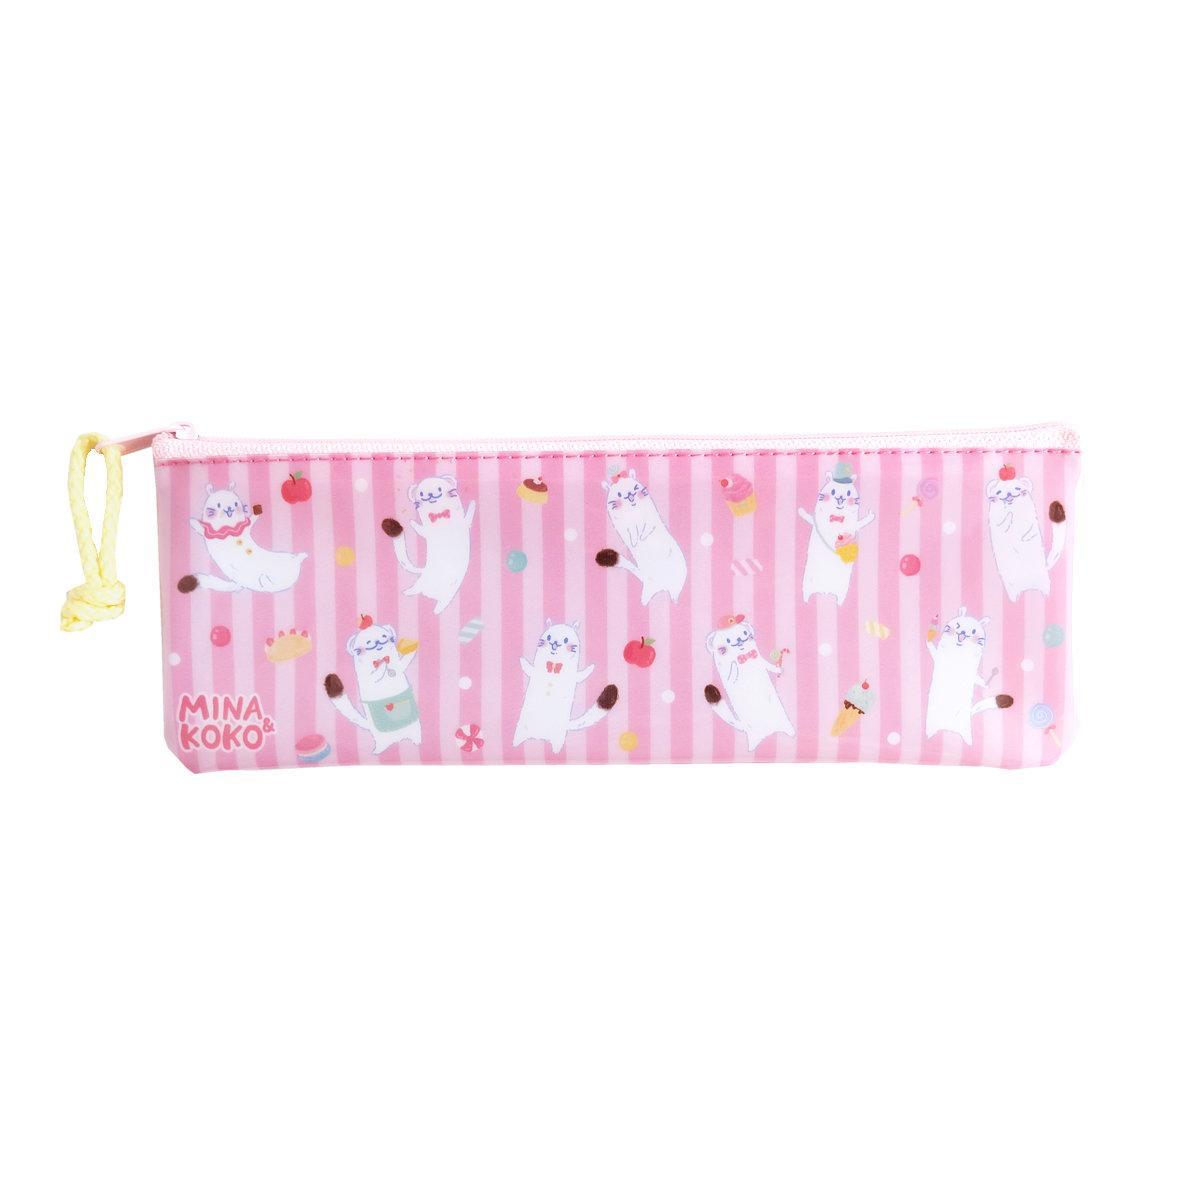 สวีทซัมเมอร์ : กระเป๋าดินสอ แบบ PVC  : ลาย มินะแอนด์โคโค่ : PC1908